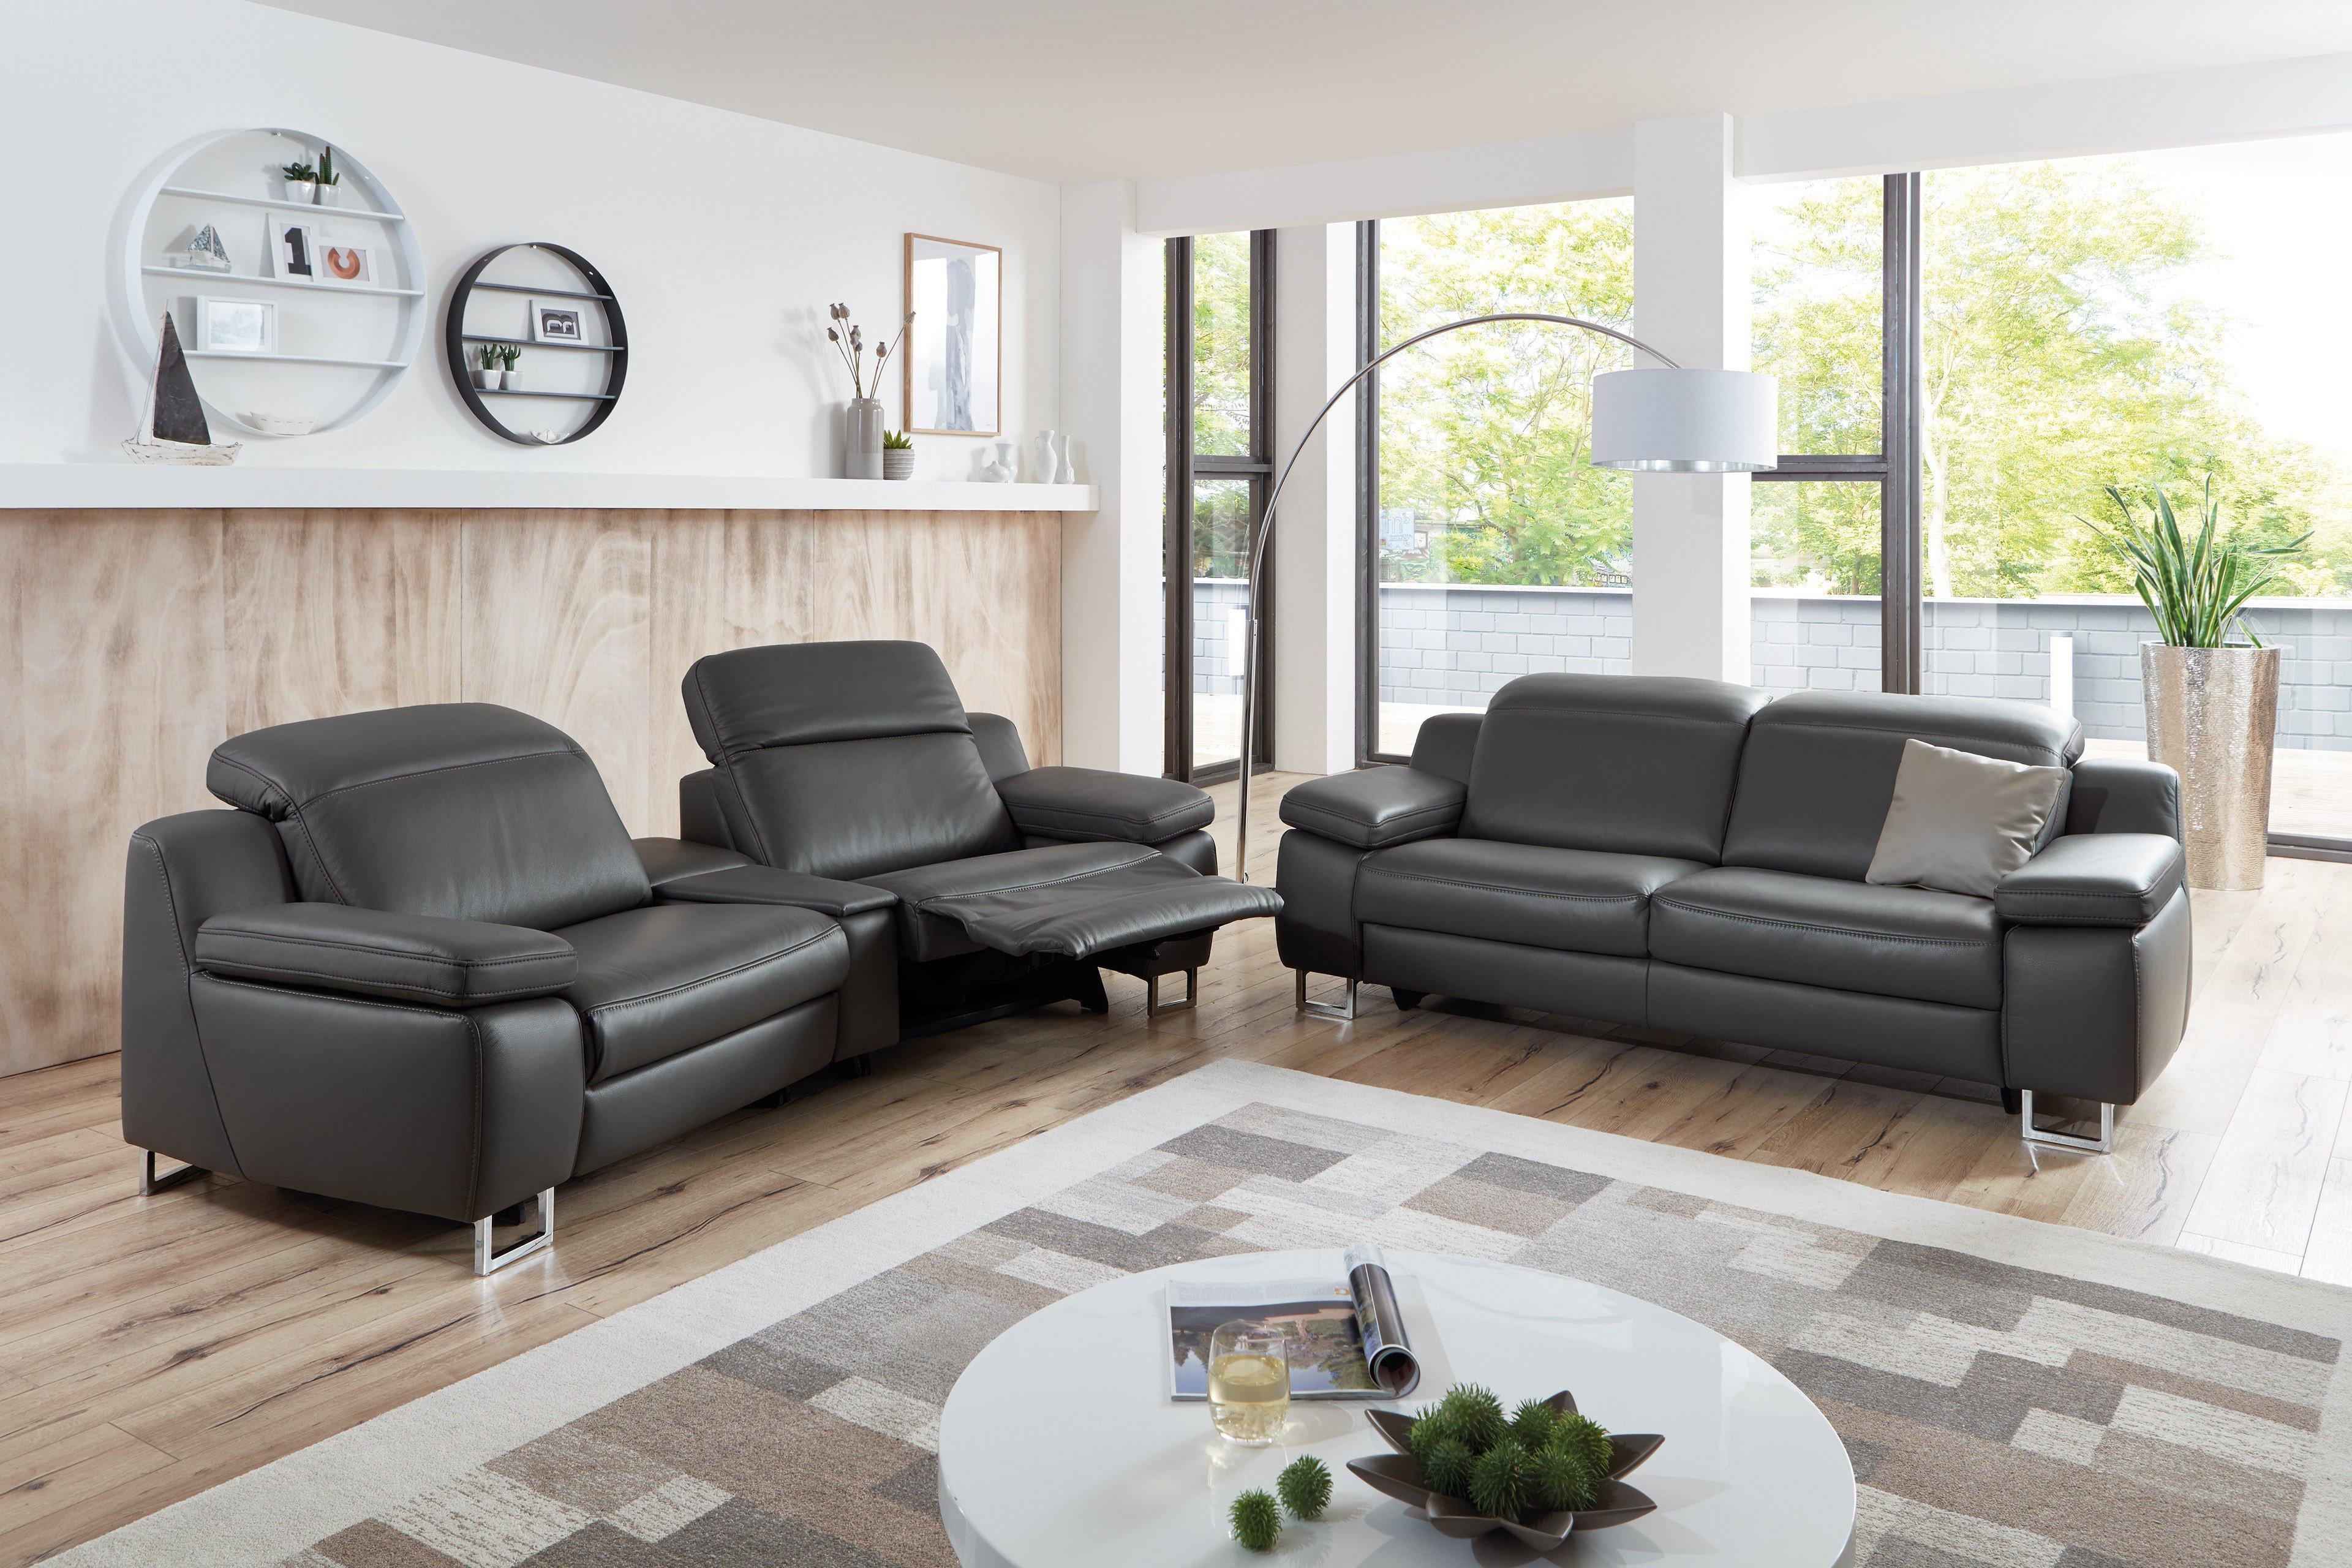 hukla rl1650 ledergarnitur in dunkelgrau m bel letz ihr online shop. Black Bedroom Furniture Sets. Home Design Ideas